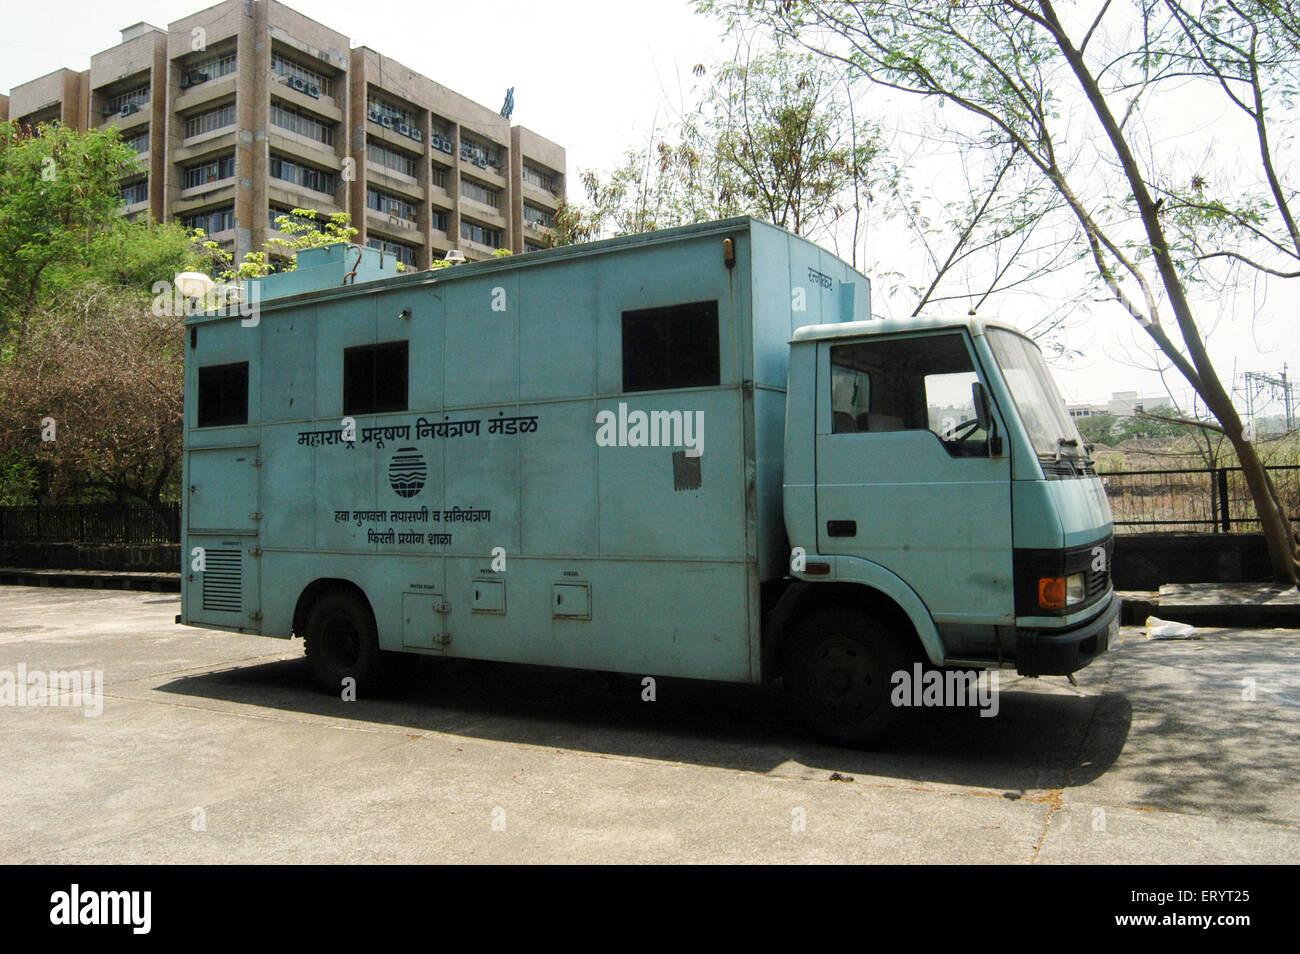 Le contrôle de la pollution Mobile van contrôle de la pollution atmosphérique dans de nouvelles maintenant Photo Stock